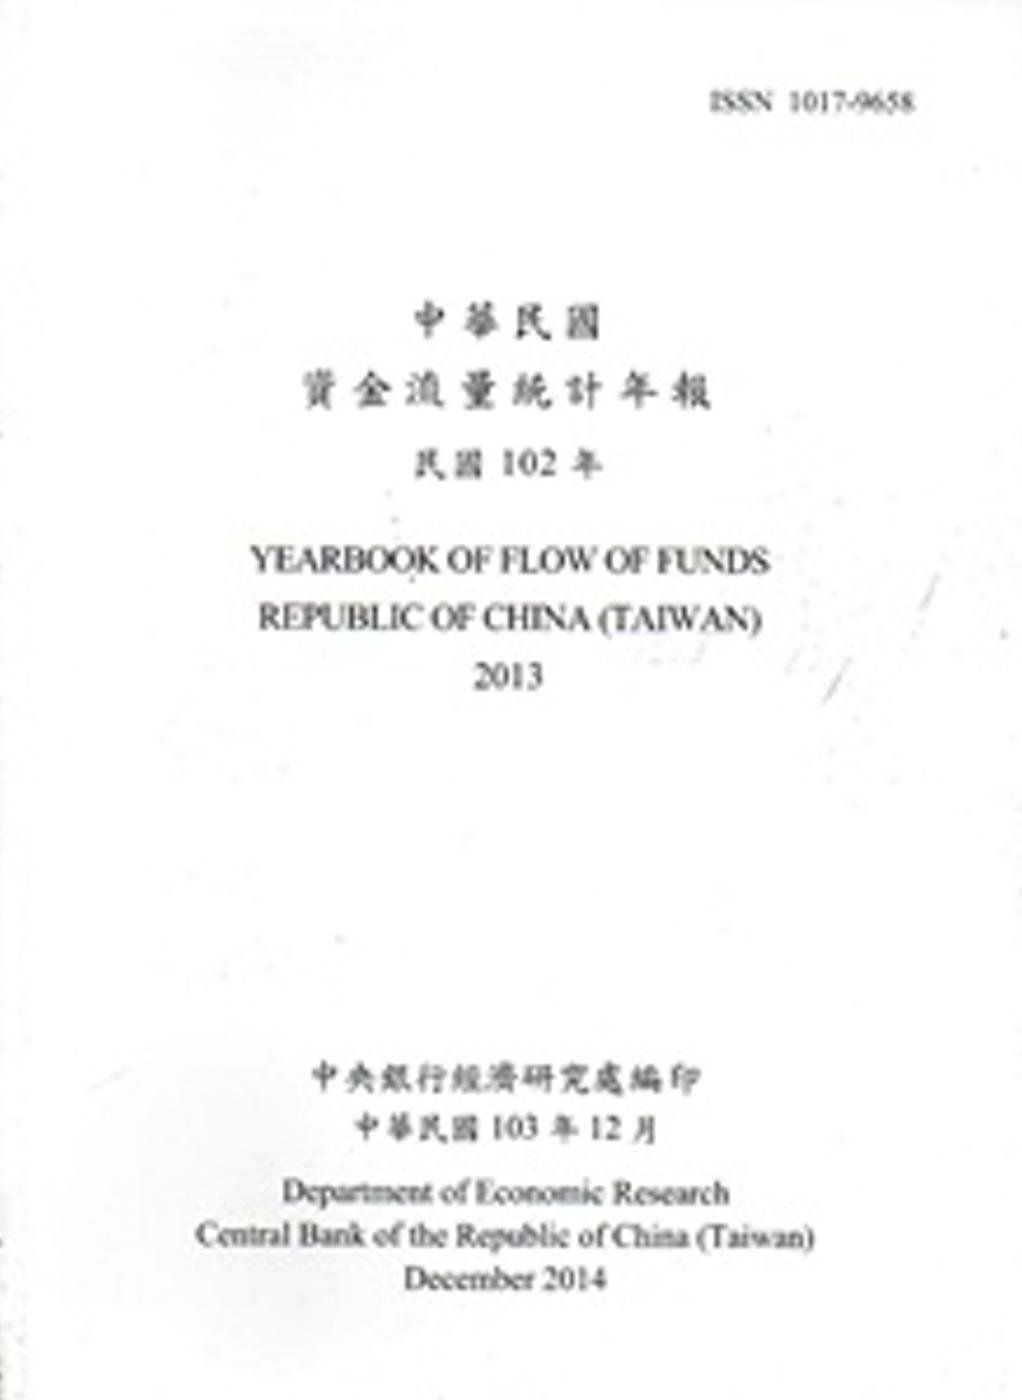 中華民國資金流量統計年報103年12月(民國102年)